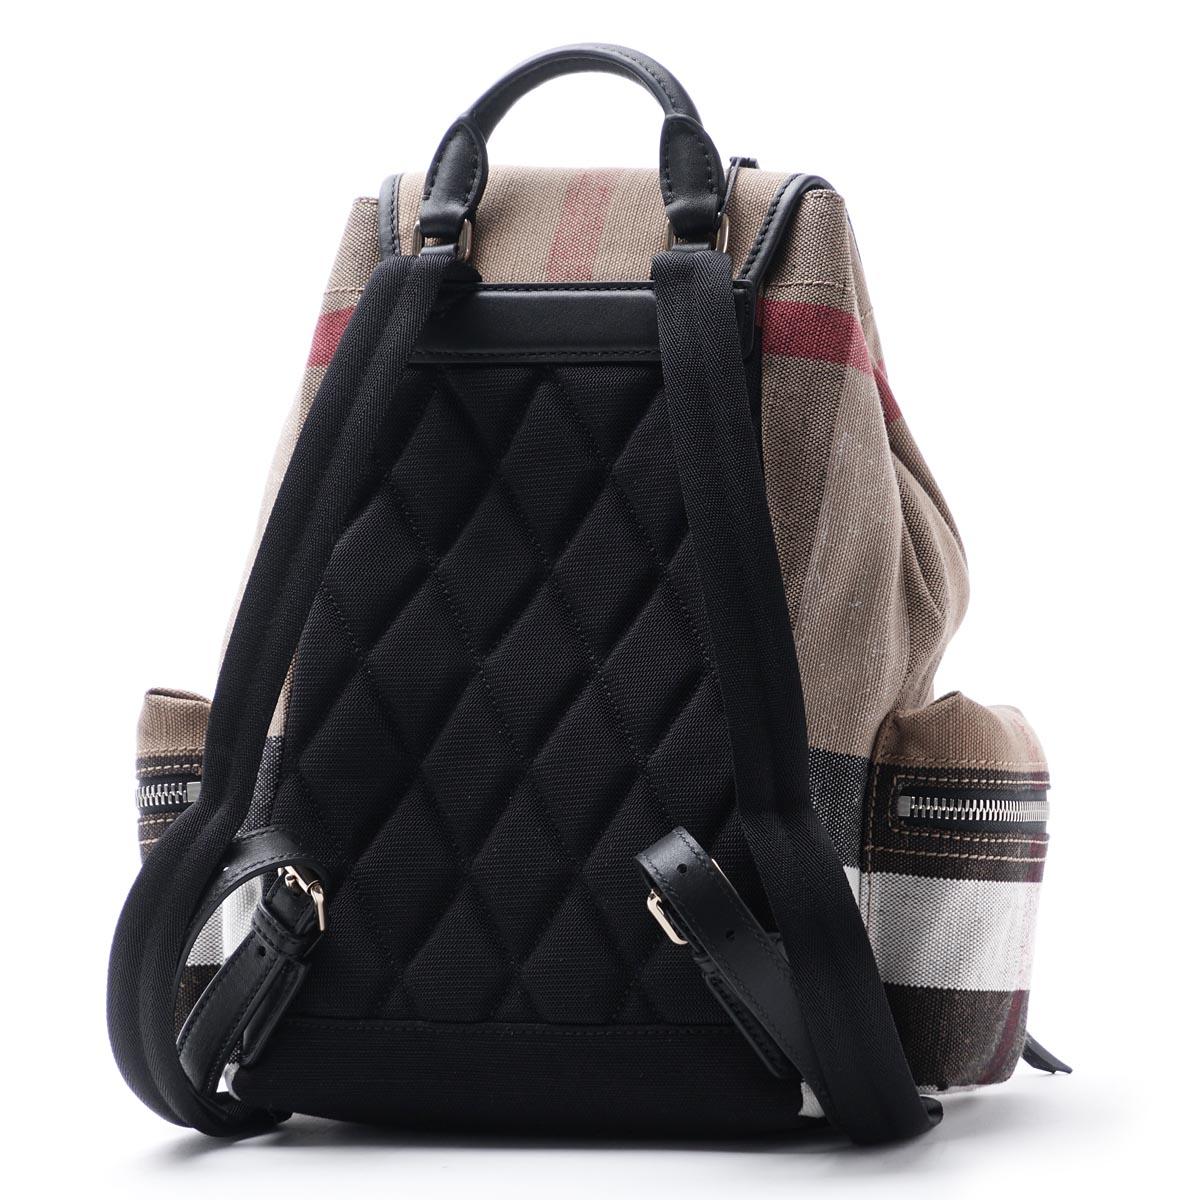 博柏利BURBERRY背包帆布背包MEDIUM BLACK黑色派4030201 black女士